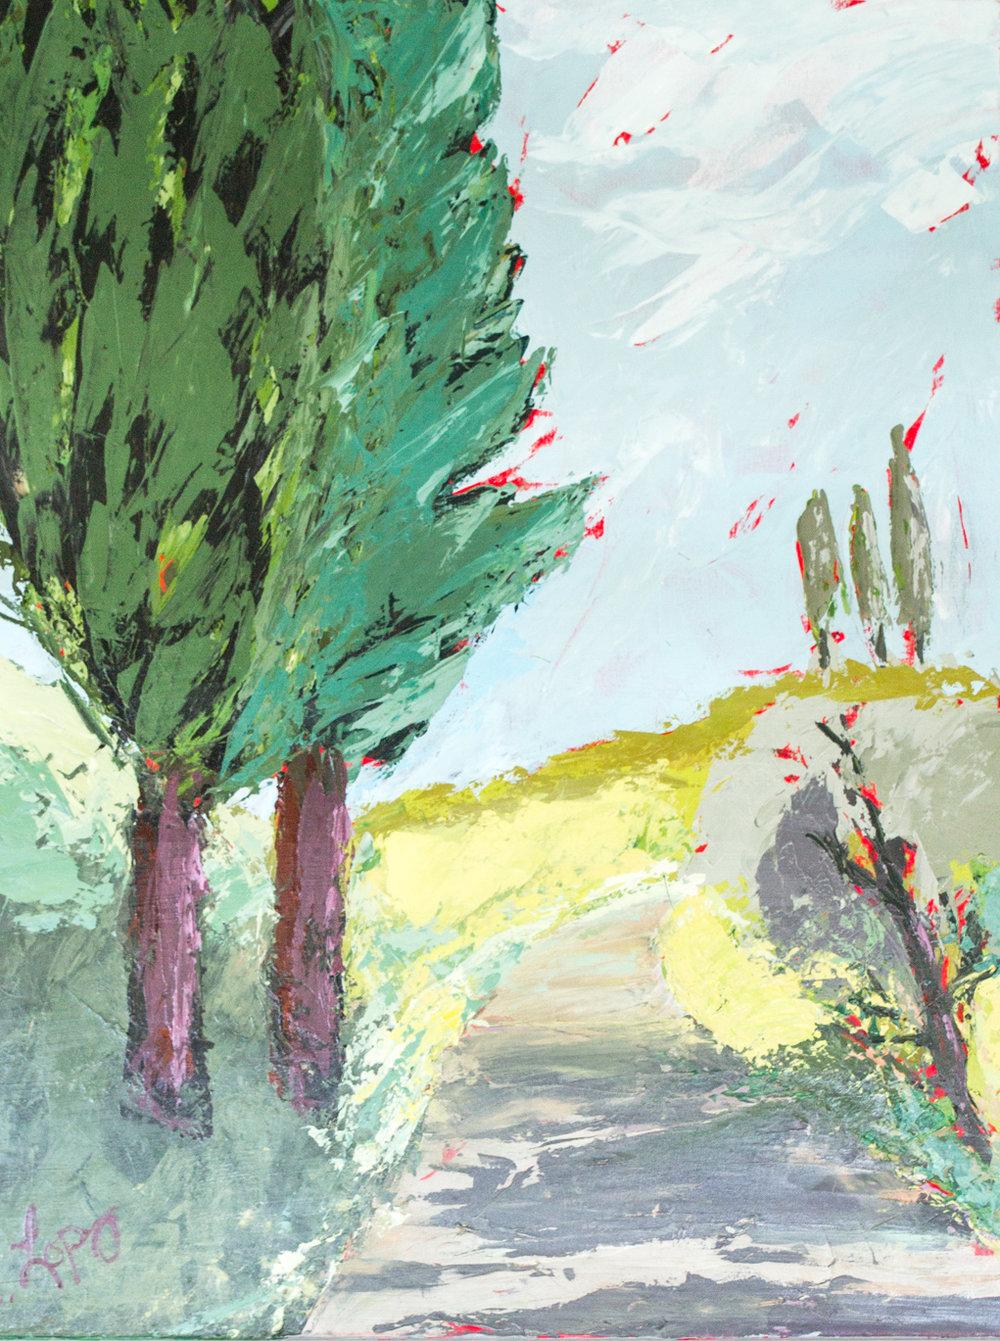 tammy-tuscany-web-7.jpg